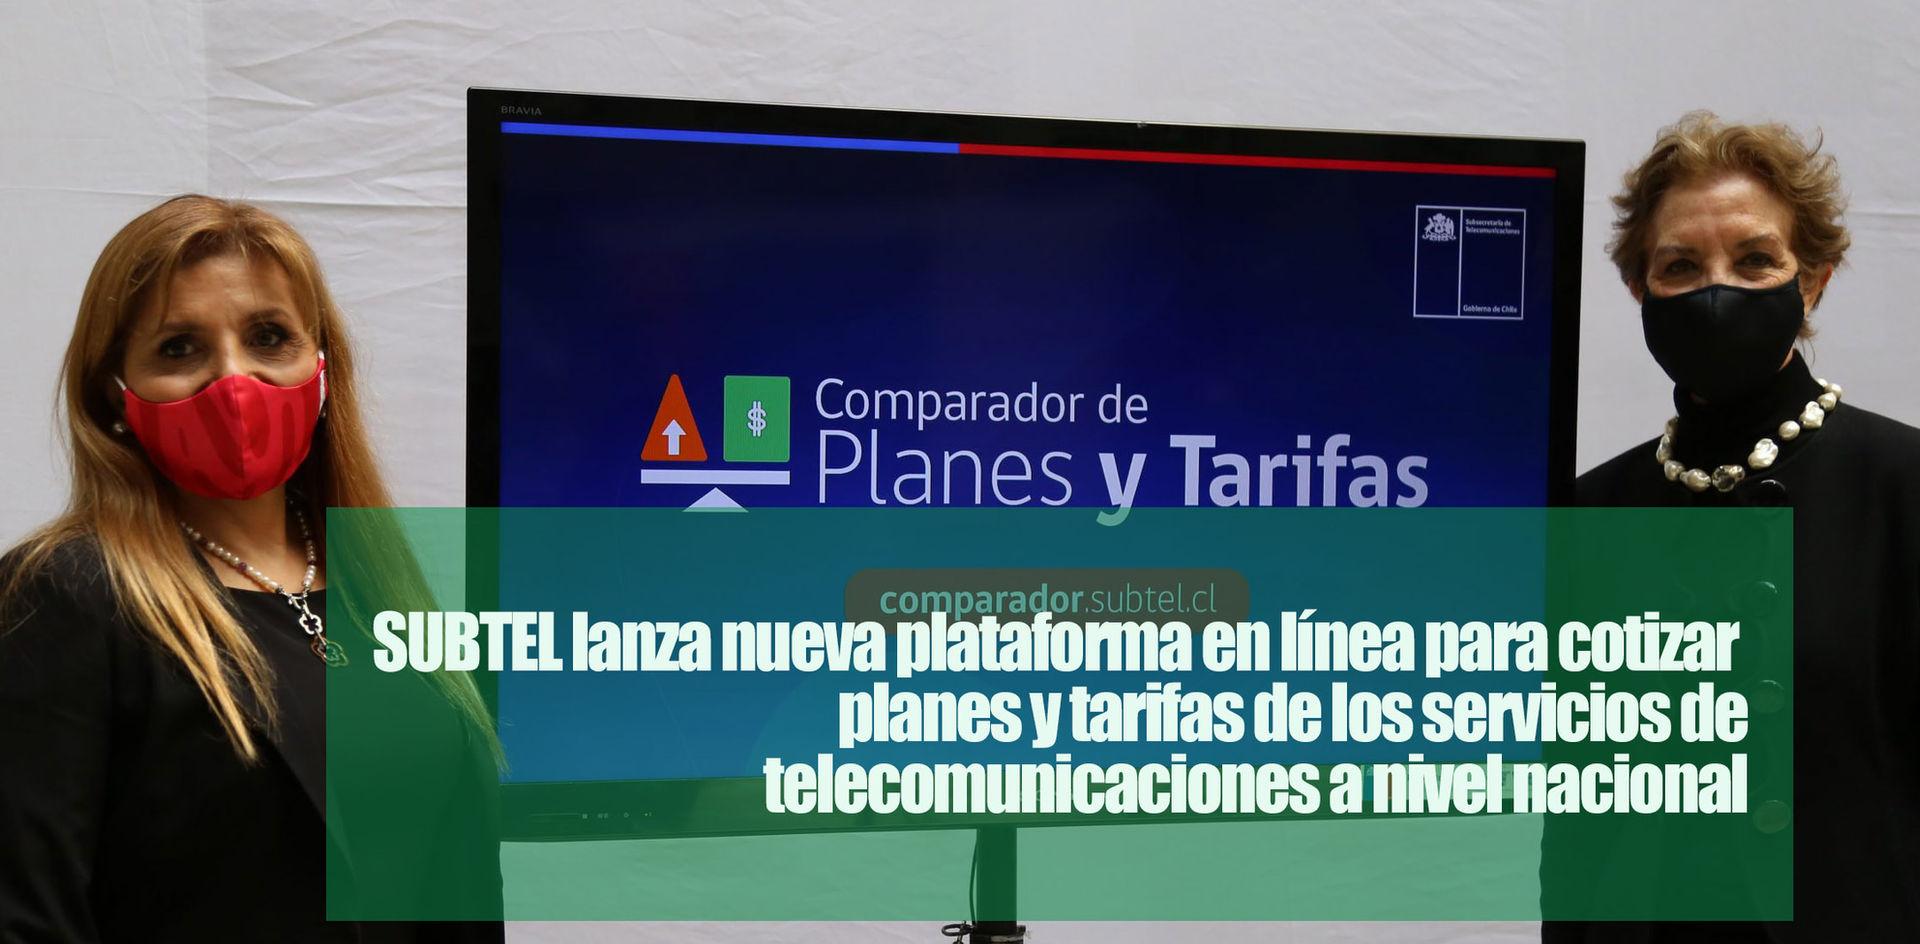 SUBTEL lanza nueva plataforma en línea para cotizar planes y tarifas de los servicios de telecomunicaciones a nivel nacional